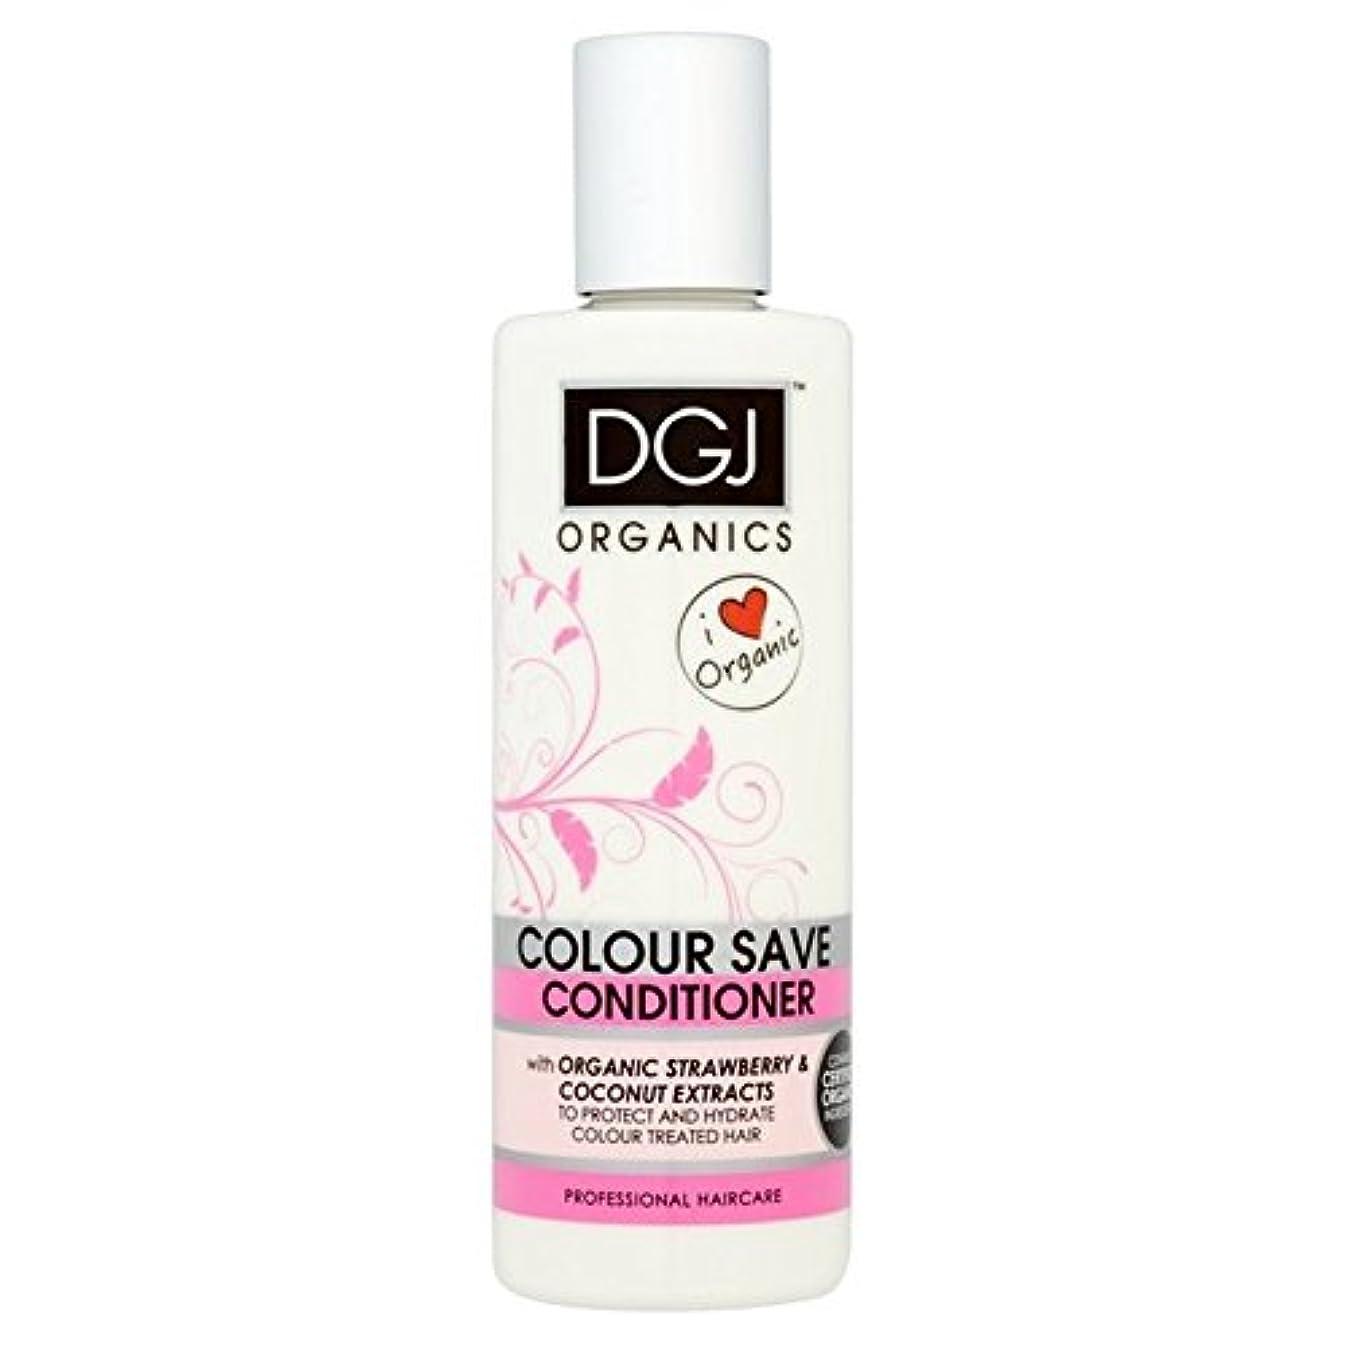 も入口検索エンジン最適化DGJ Organics Colour Save Conditioner 250ml (Pack of 6) - 有機物の色コンディショナー250を保存 x6 [並行輸入品]